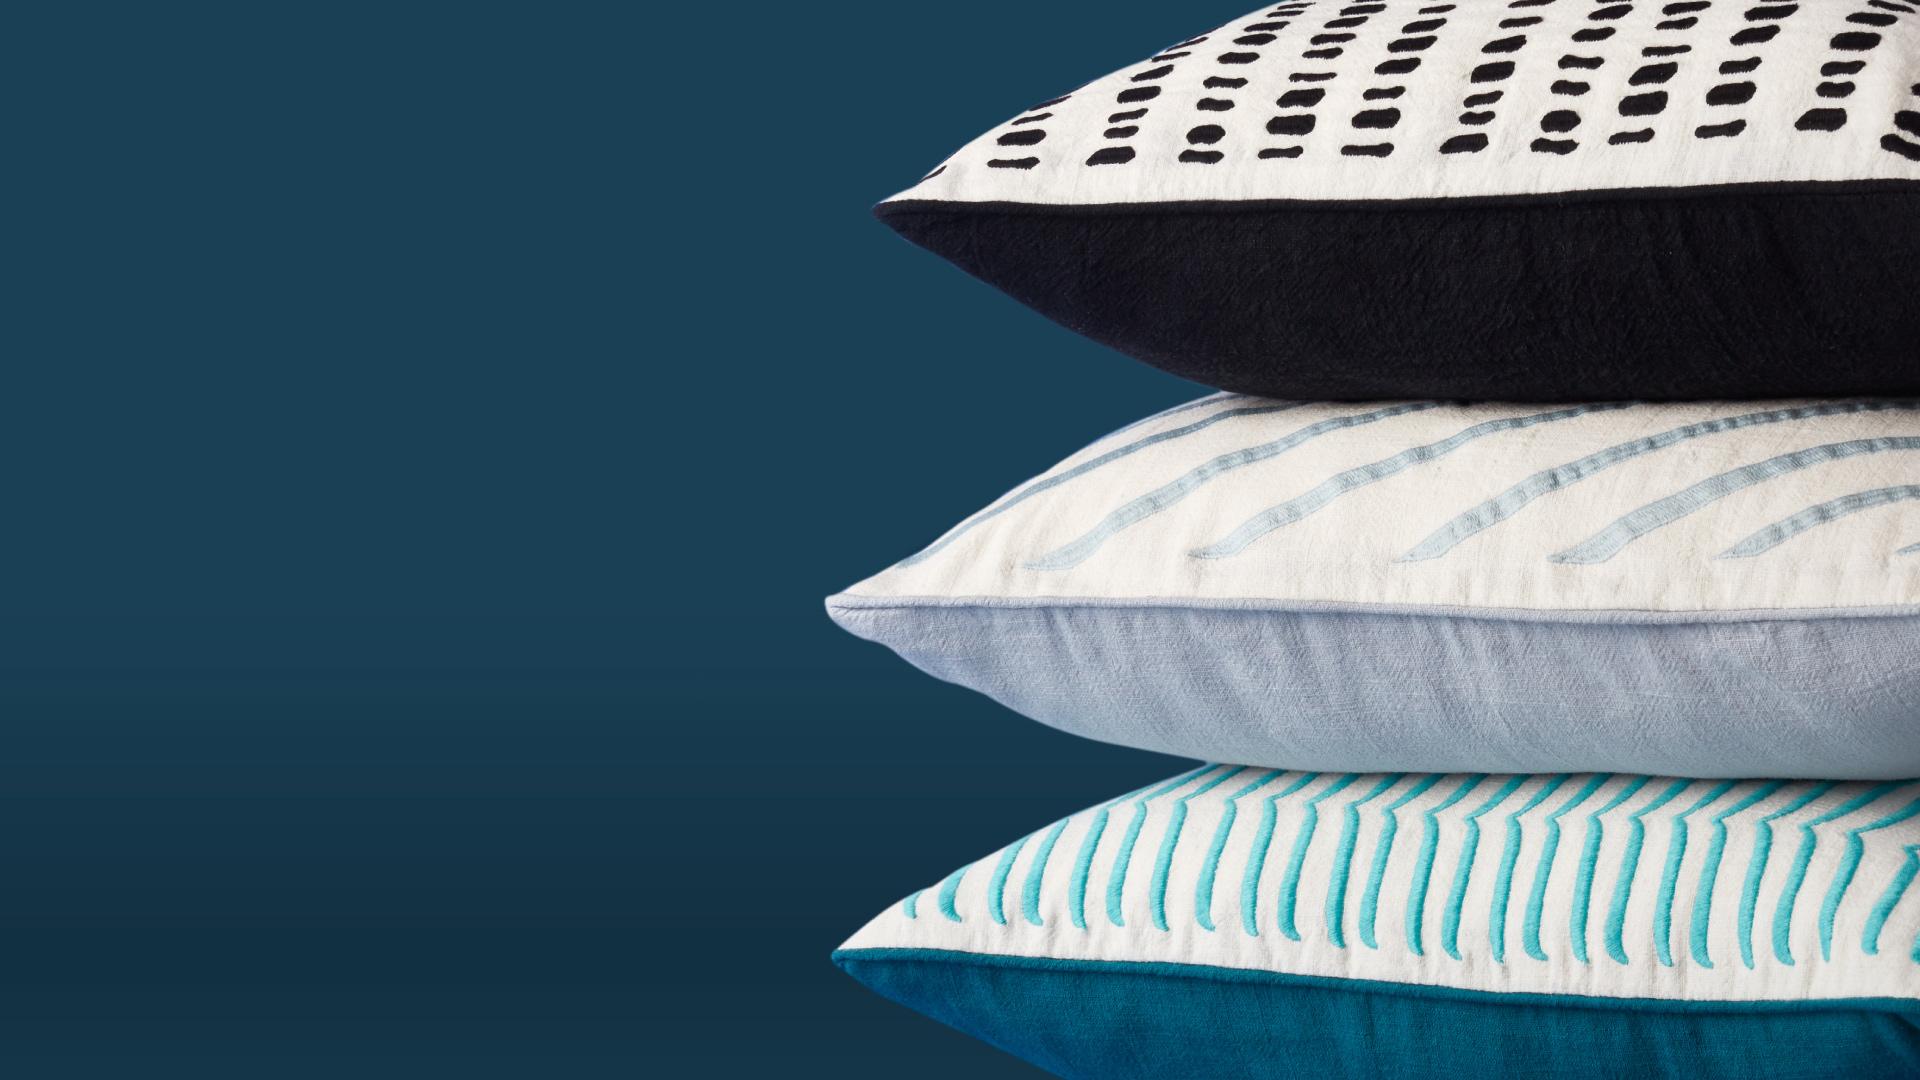 服装工艺打造枕套,翻开看内层,包边做缝和外露细节同样规整,考究品质贯穿内外。?x-oss-process=image/format,jpg/interlace,1